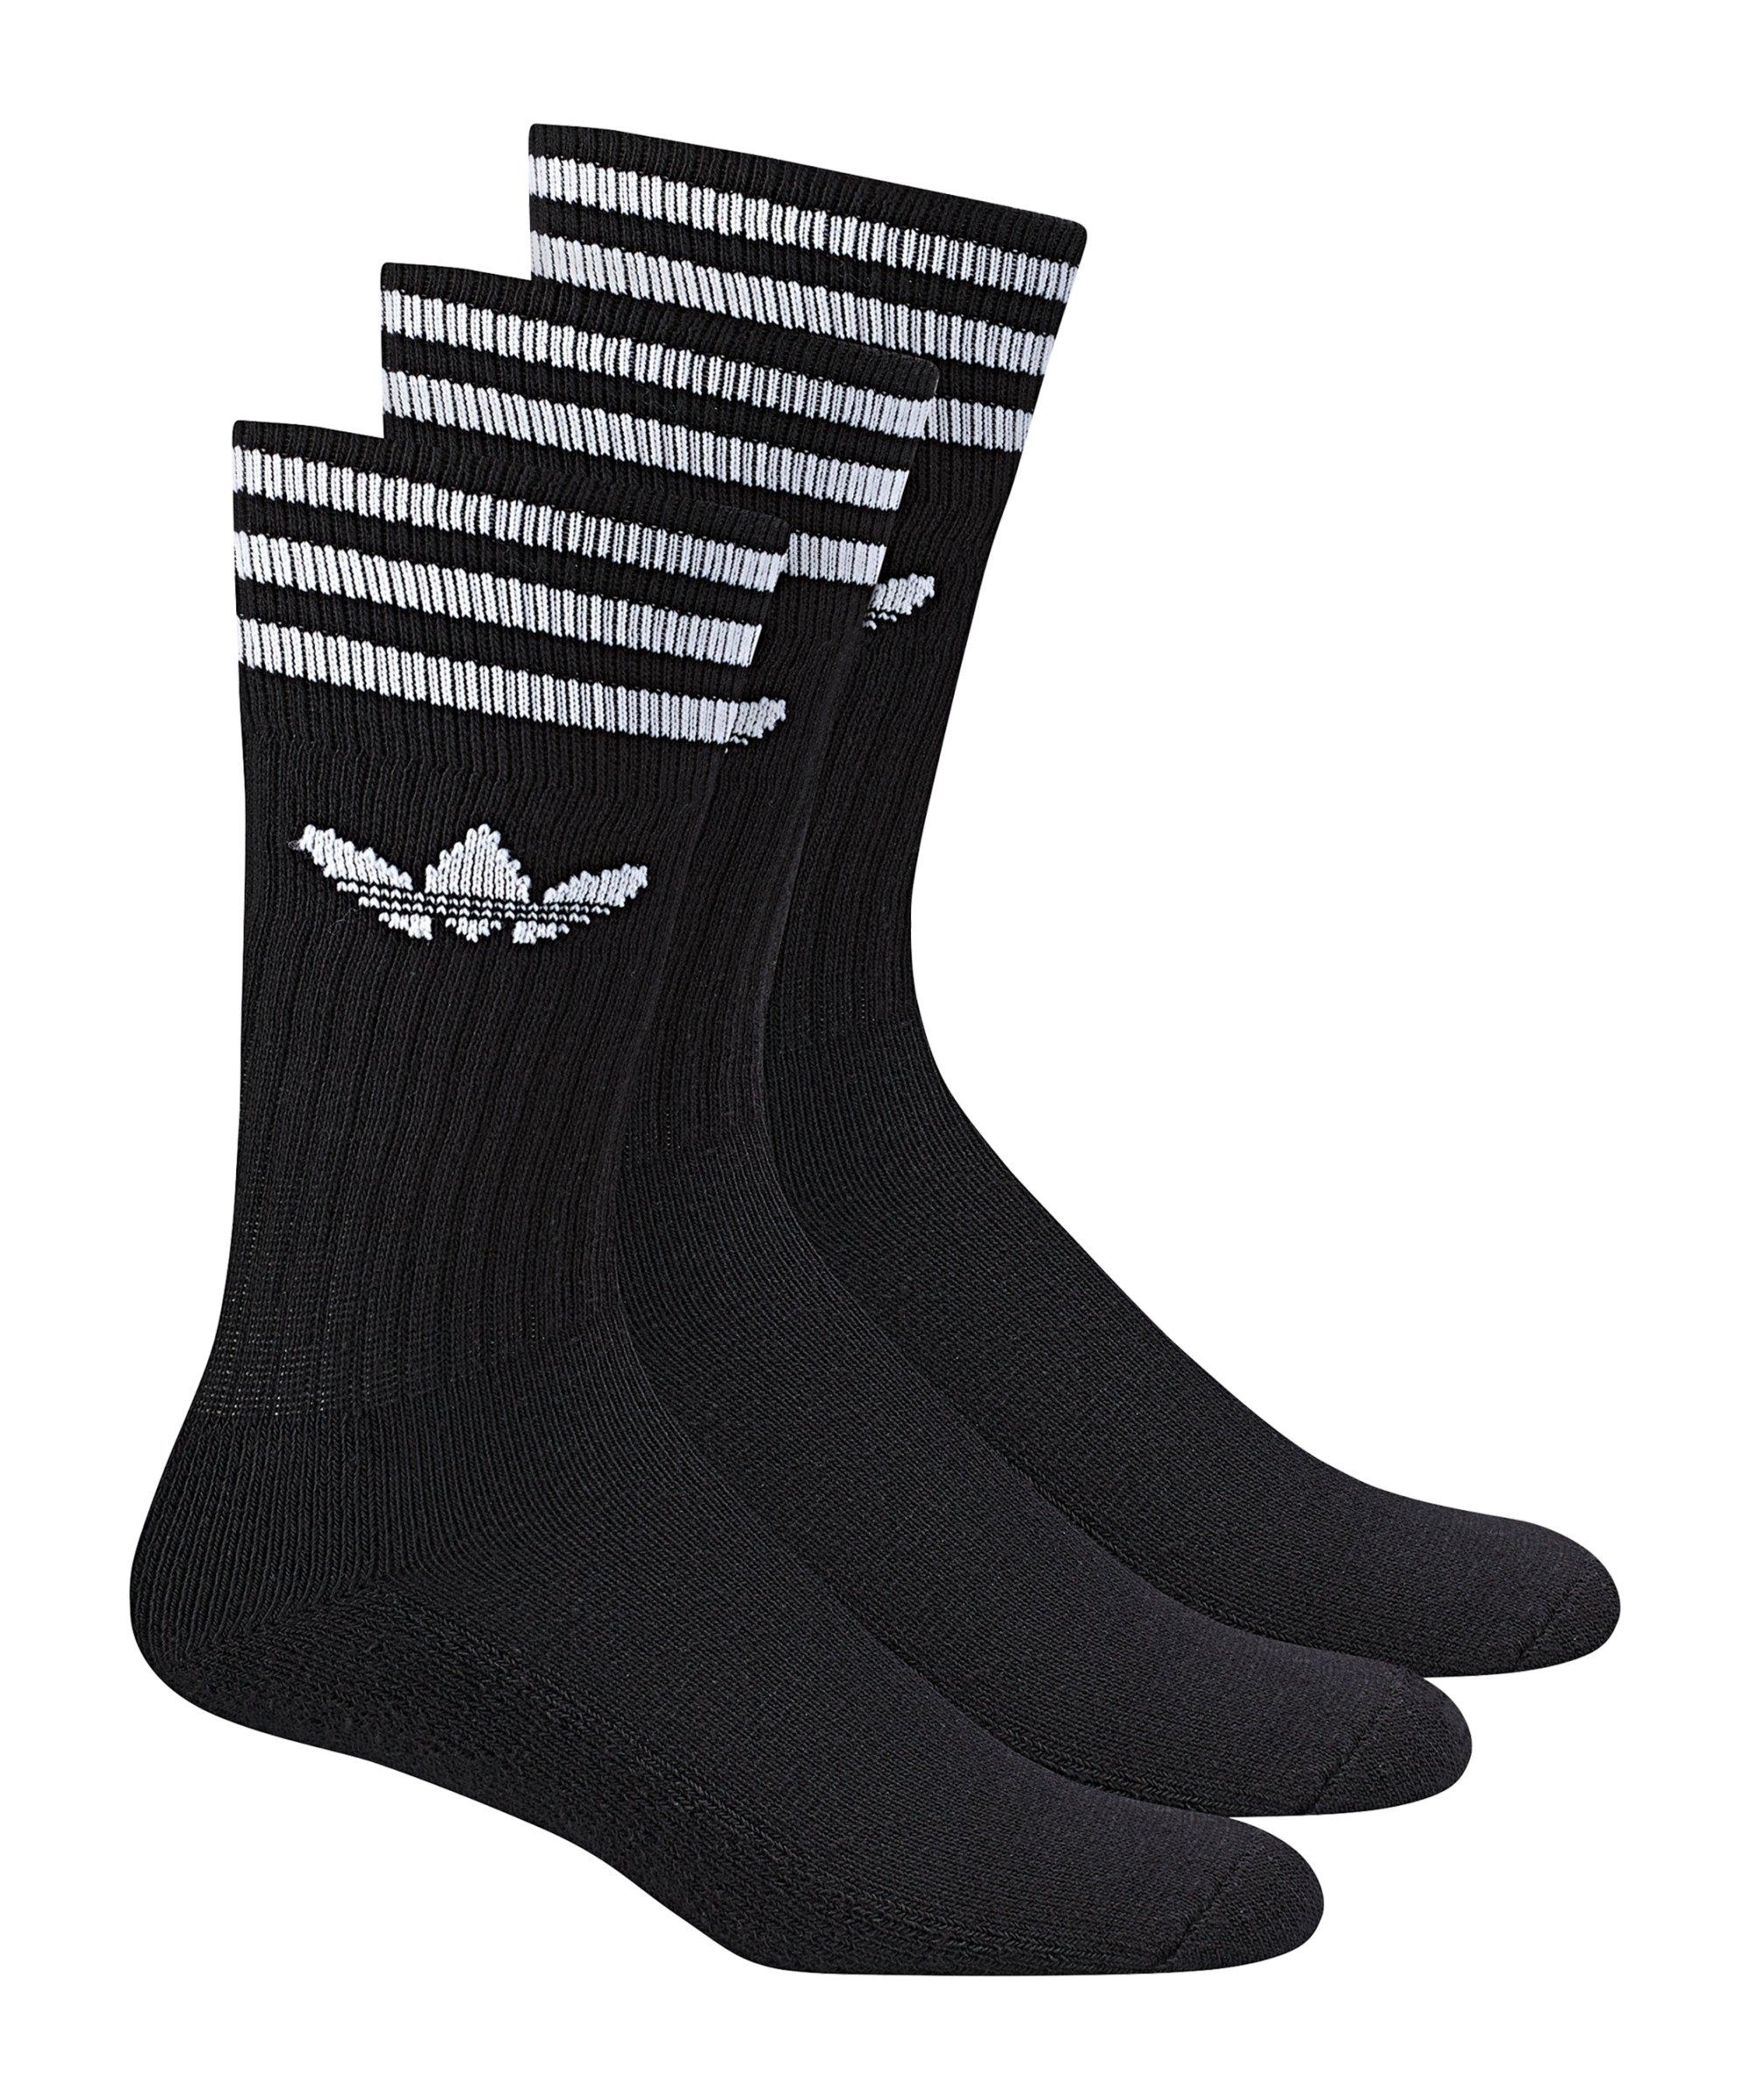 adidas Solid Crew Socken 3er Pack Schwarz Weiss